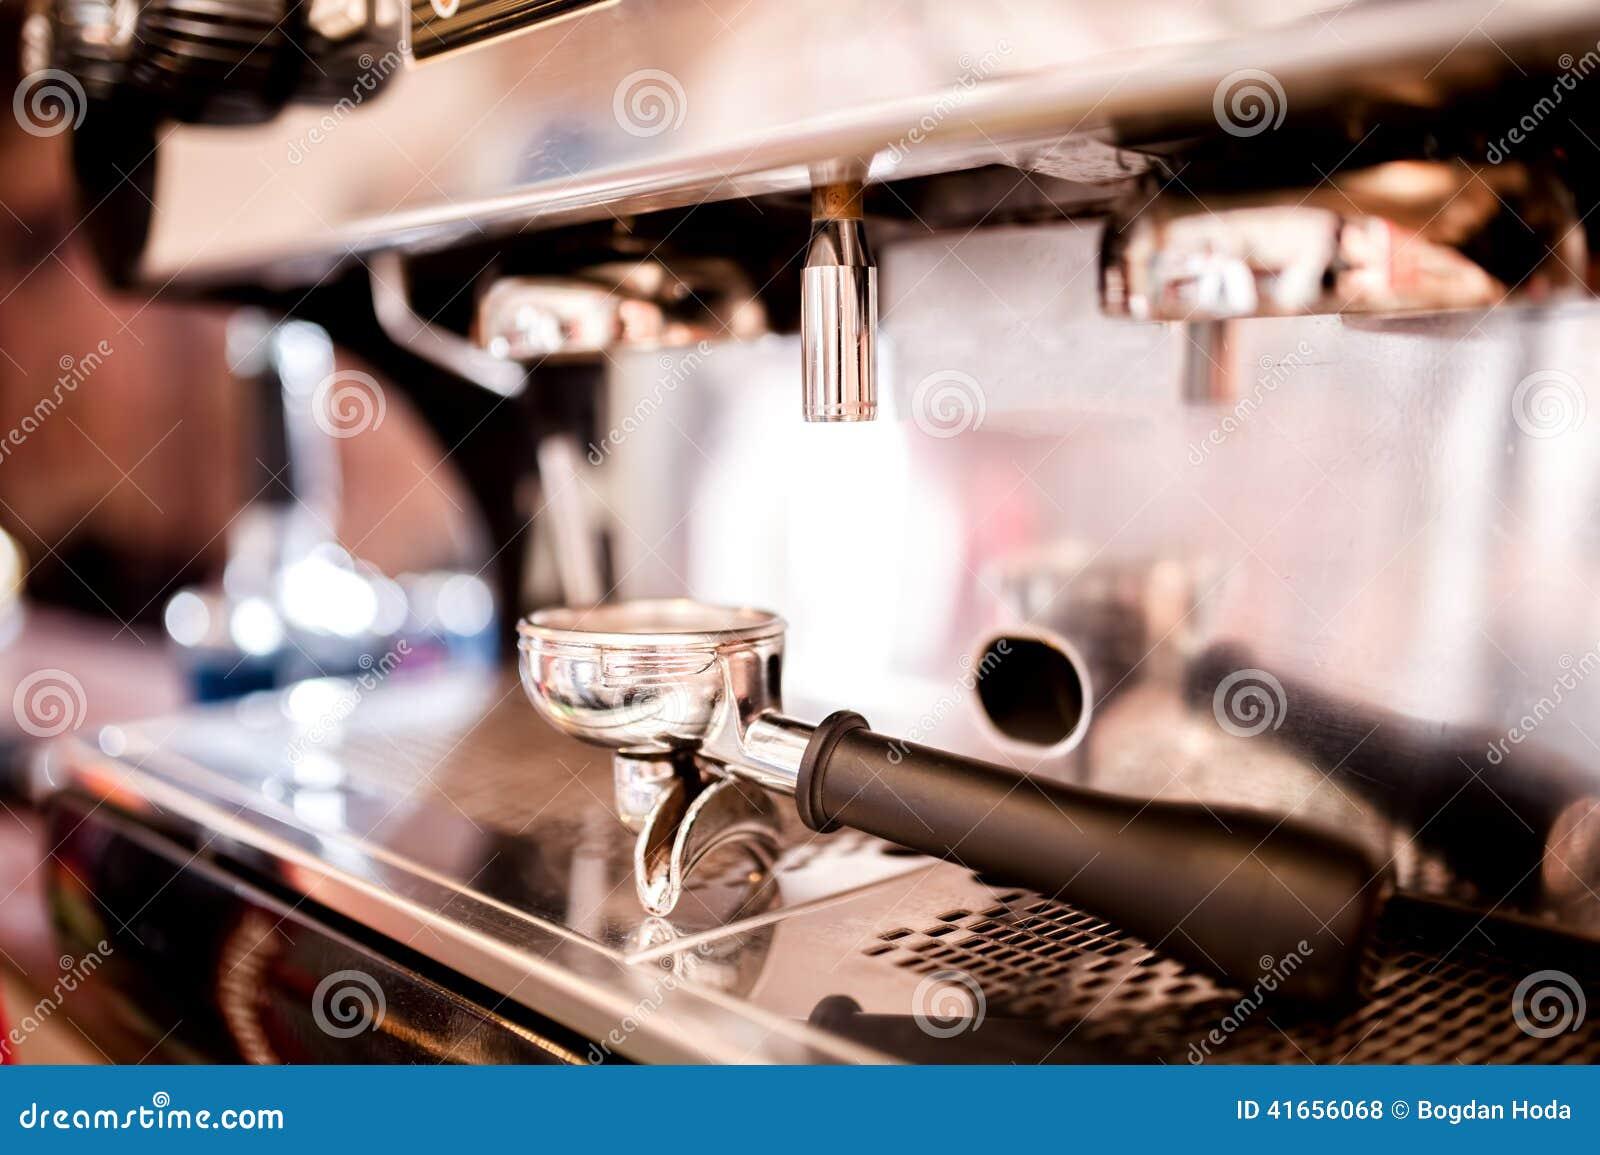 Кофе делая аксессуары и инструменты